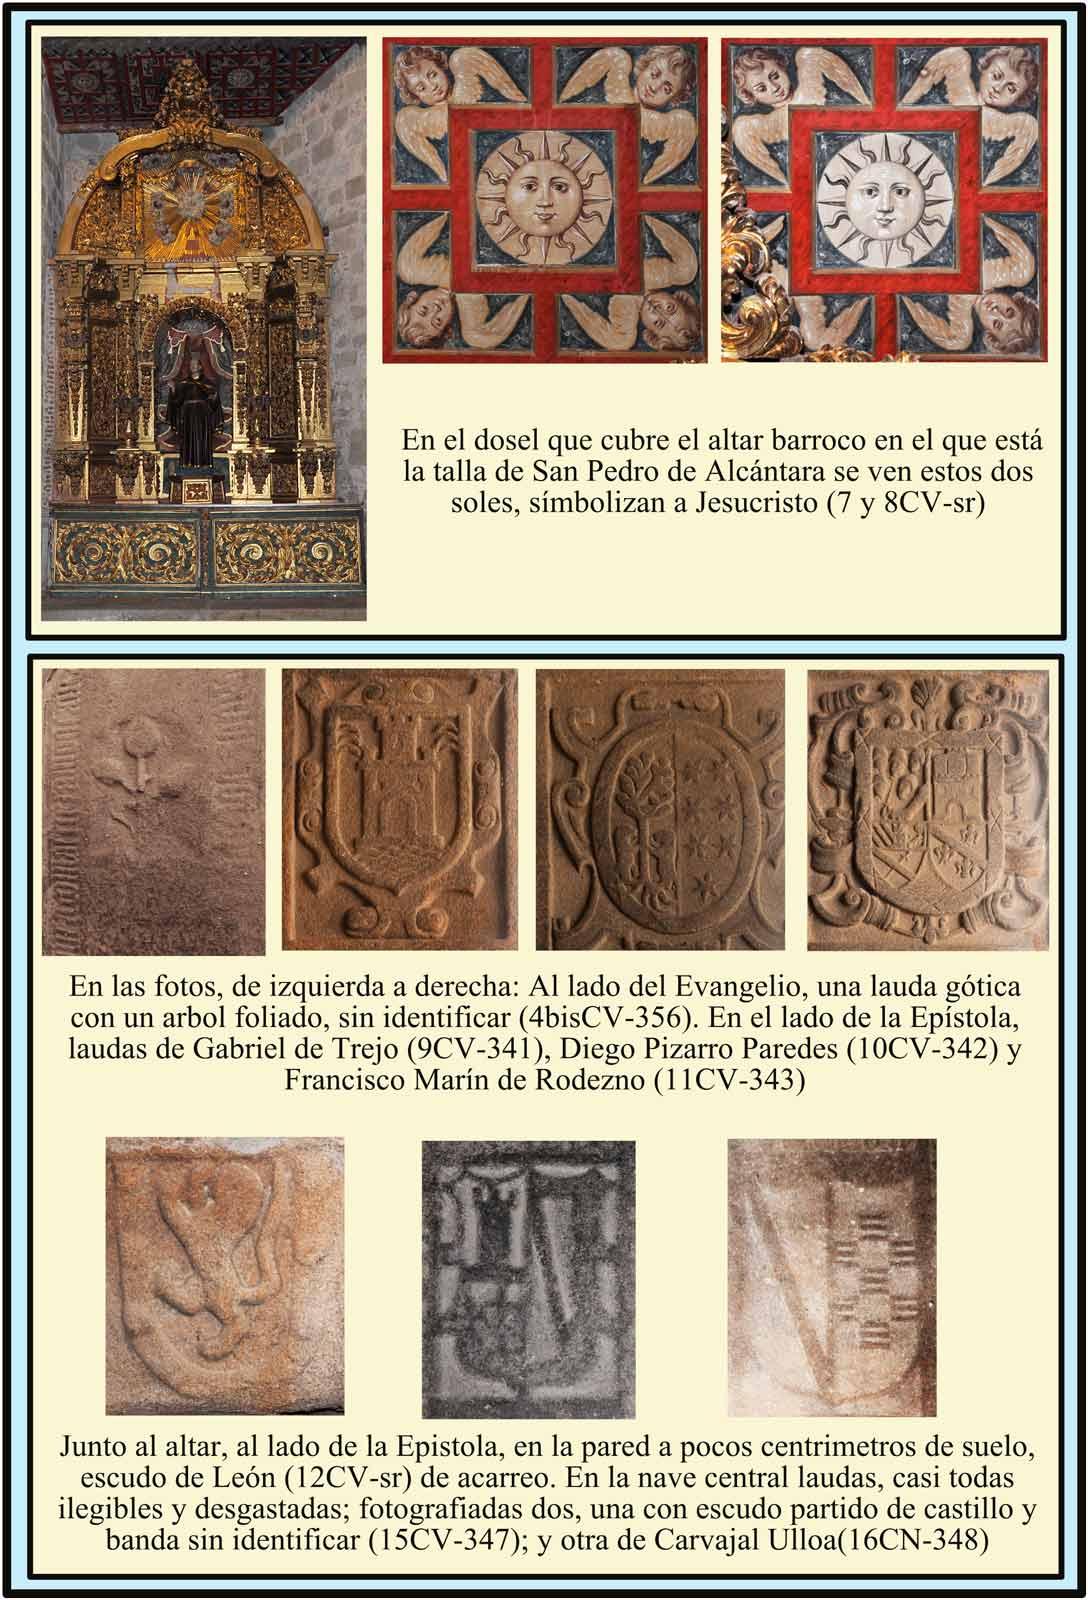 Escudos de Trejo Pizarro Paredes Carvajal Ulloa en lapidas sepulcrales